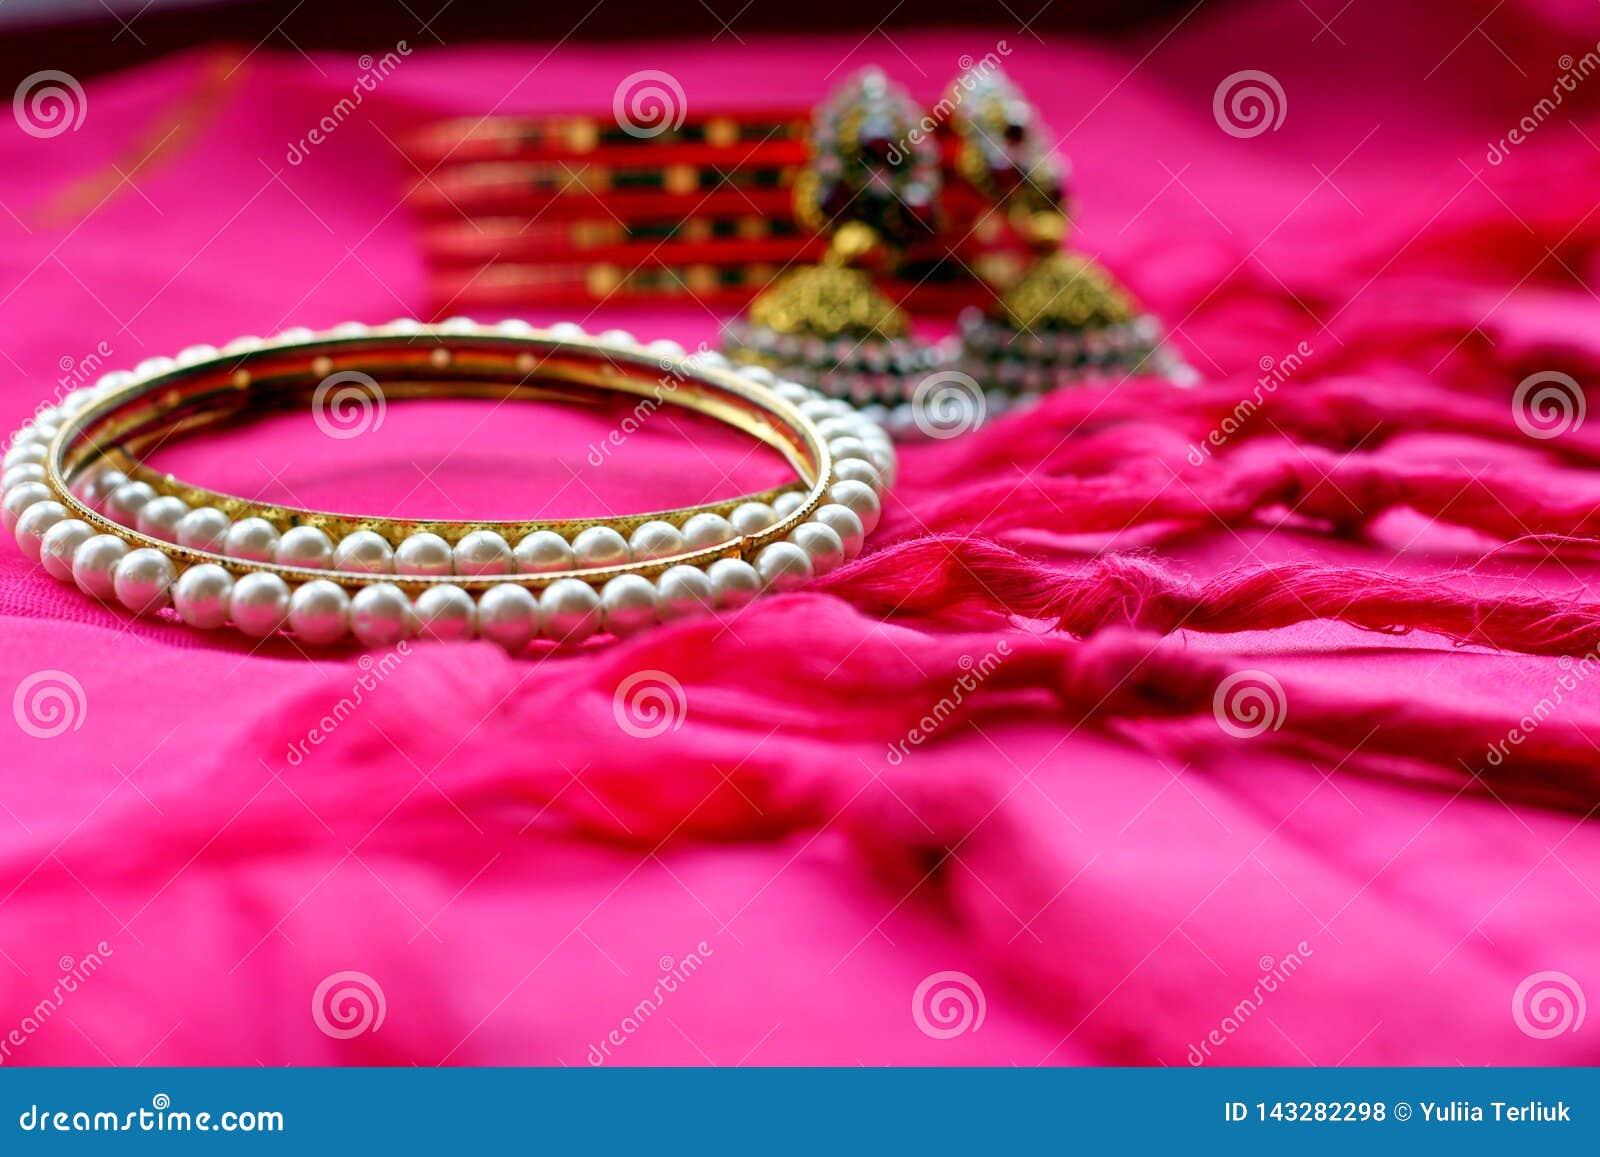 Ινδικά εθνικά βραχιόλια και σκουλαρίκια κοσμήματος στο ρόδινο ύφασμα